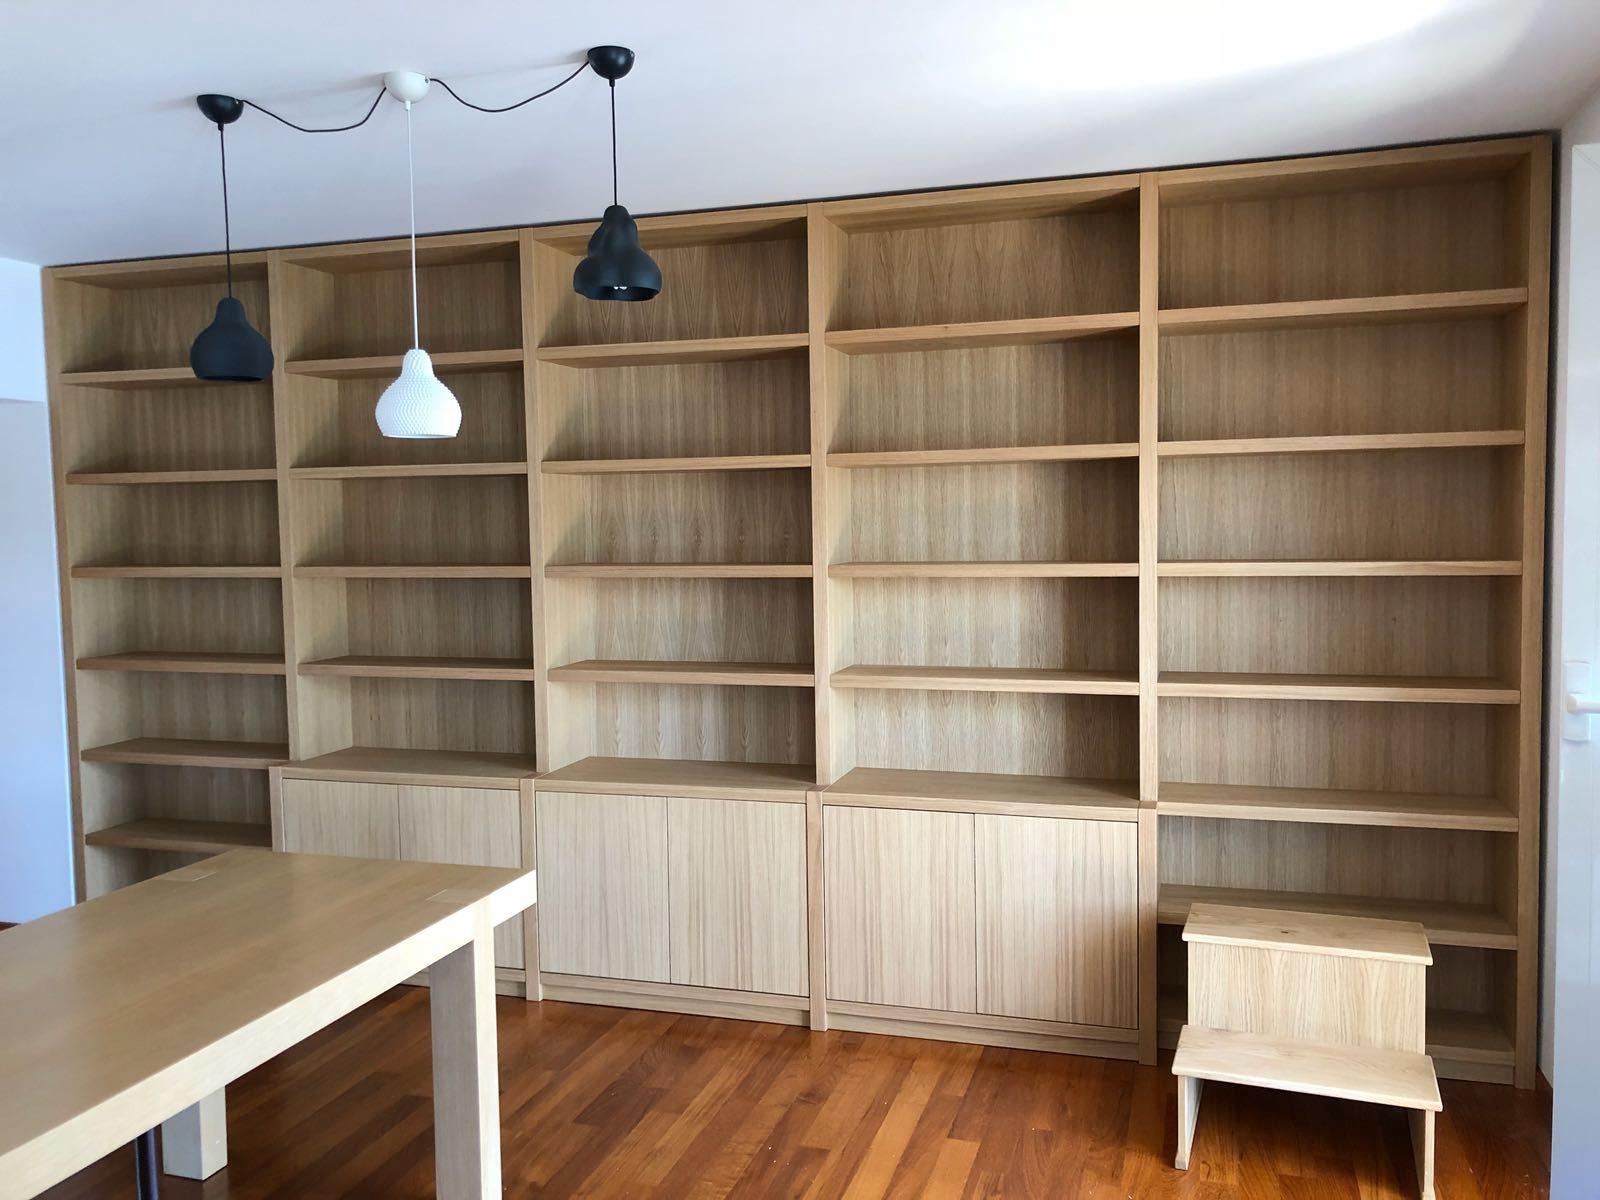 librerie in legno rovere ESCAPE='HTML'